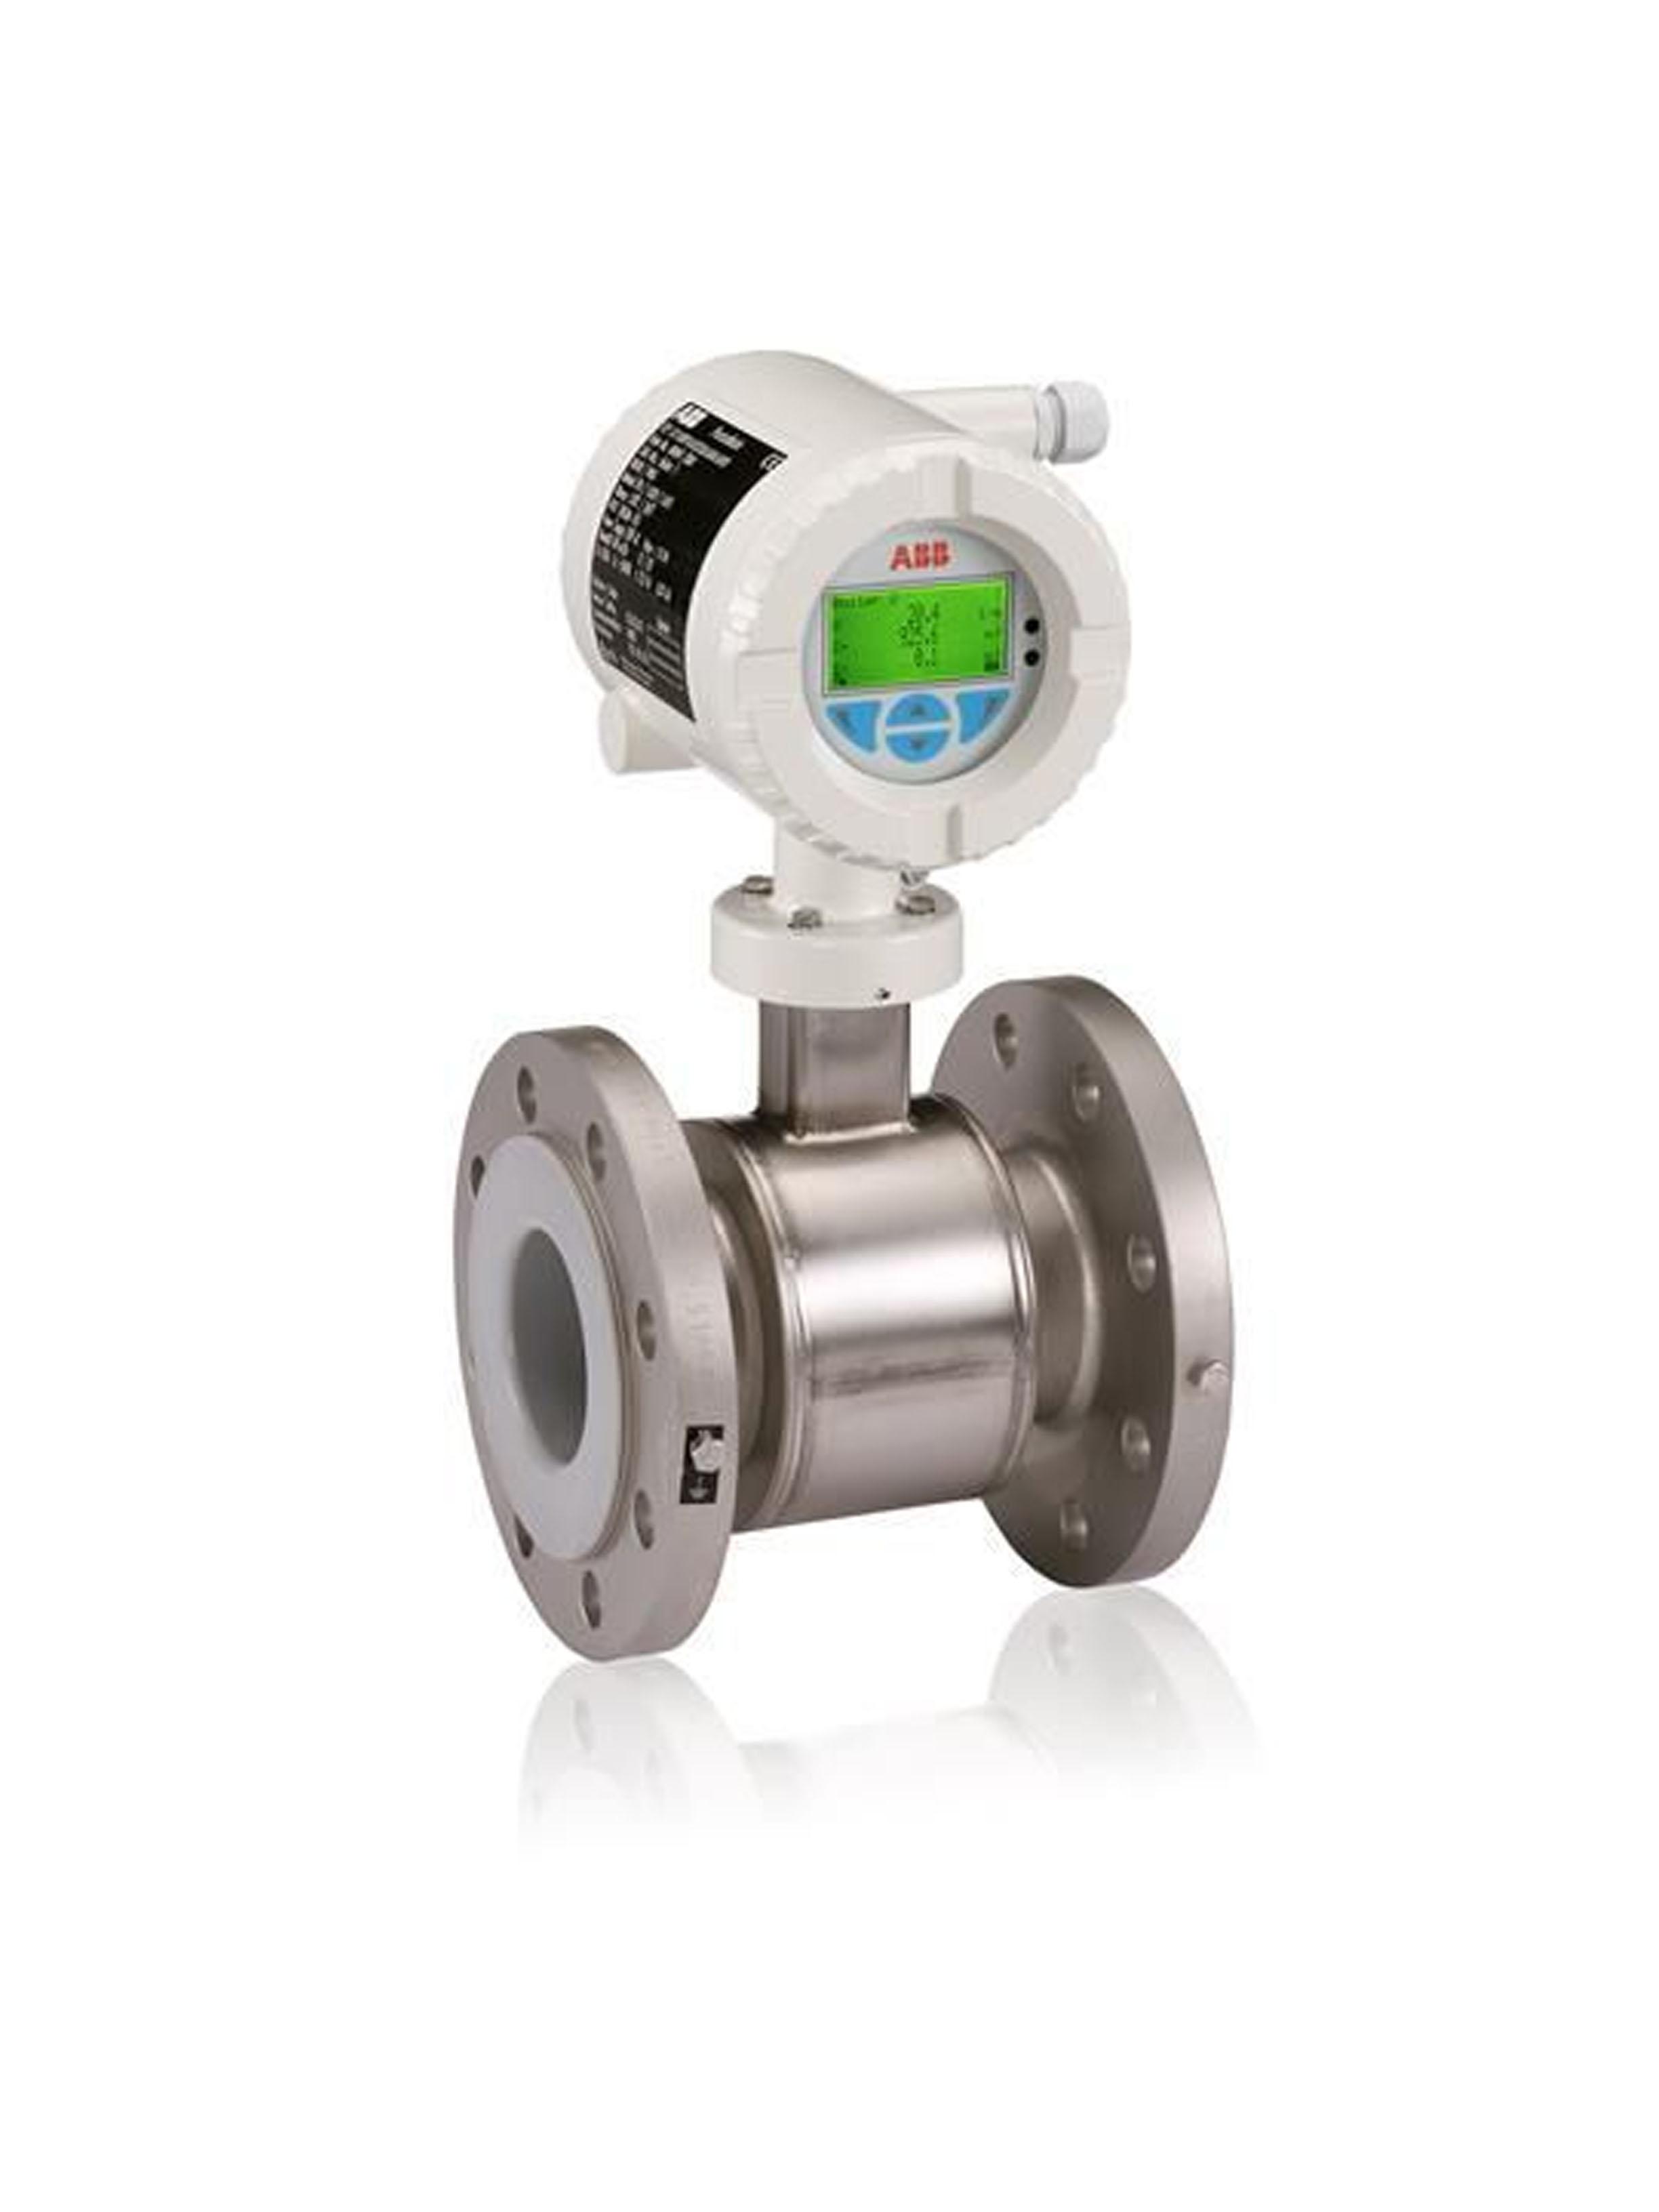 Đồng hồ đo lưu lượng nước thải ABB